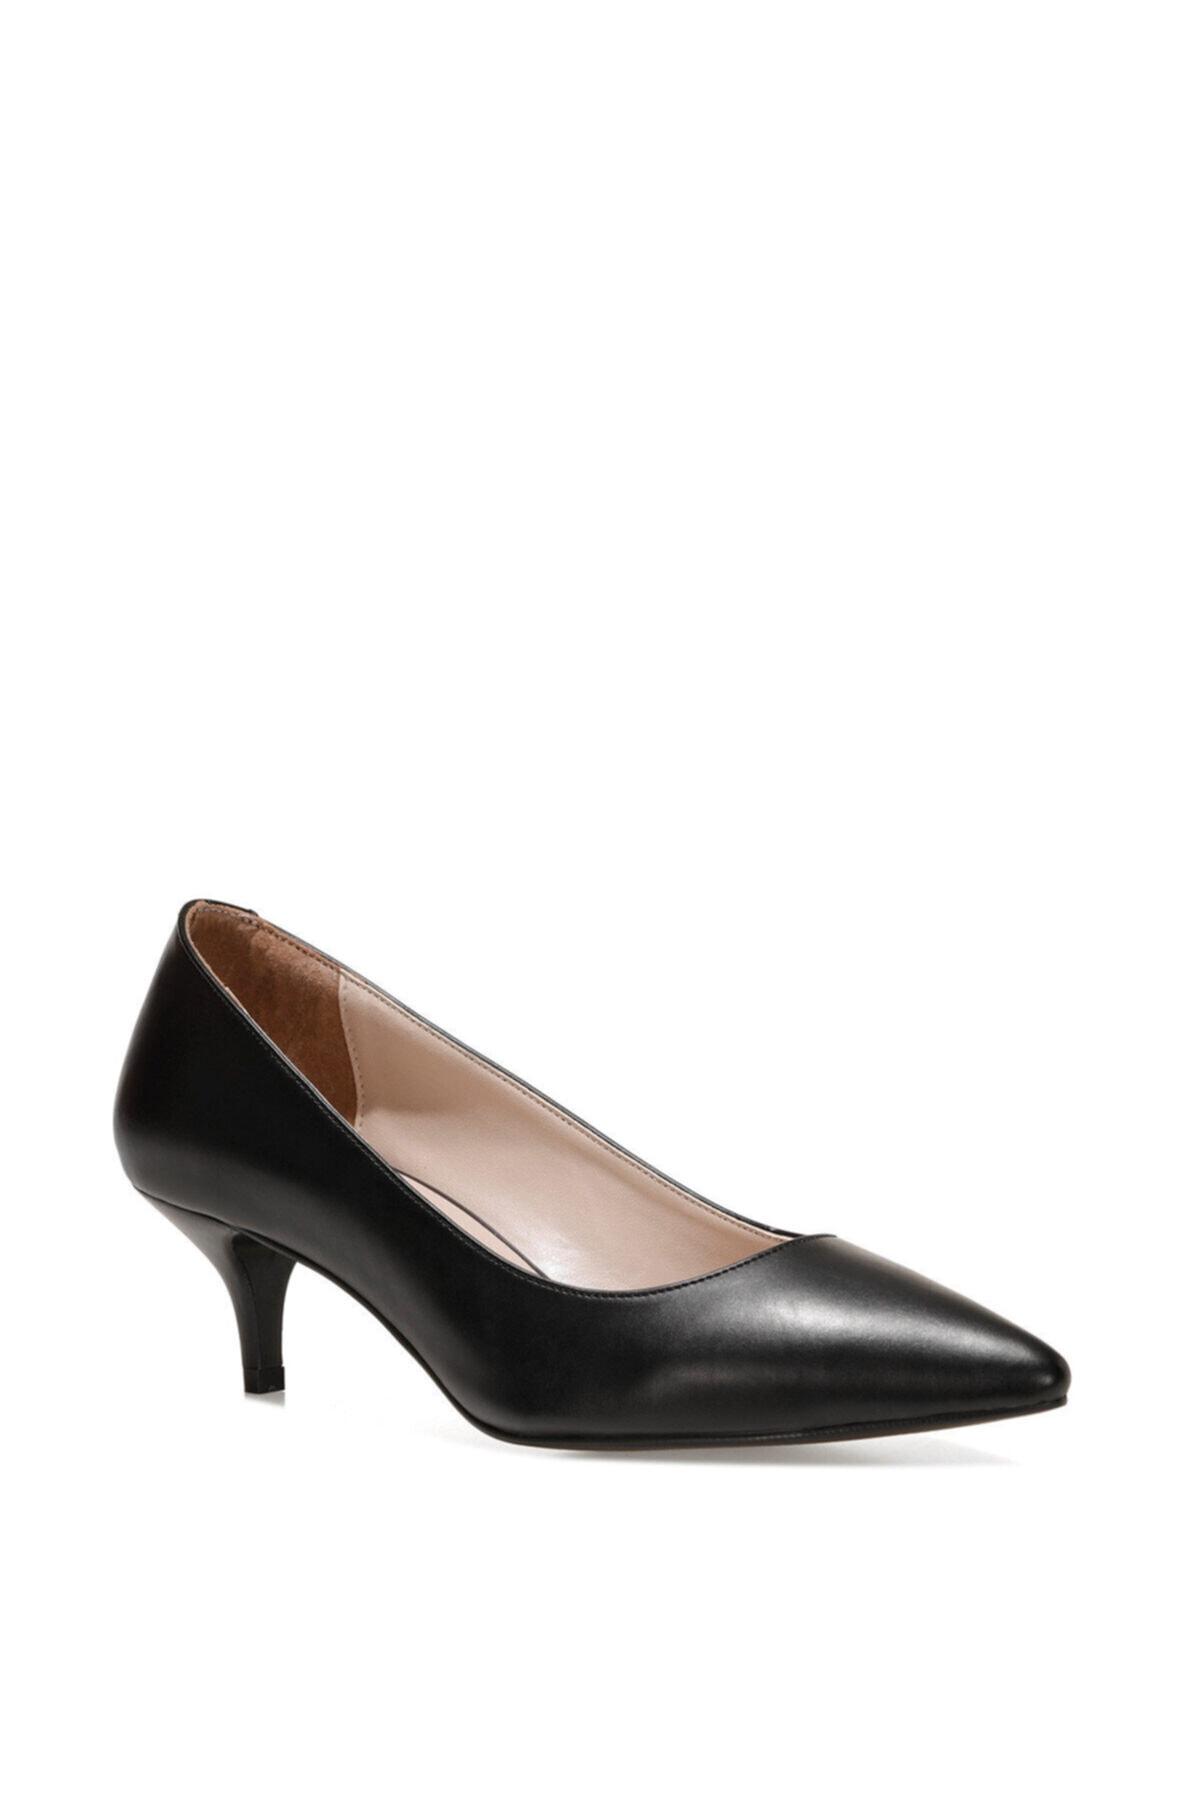 İnci PETIT.Z 1FX Siyah Kadın Gova Ayakkabı 101033755 2